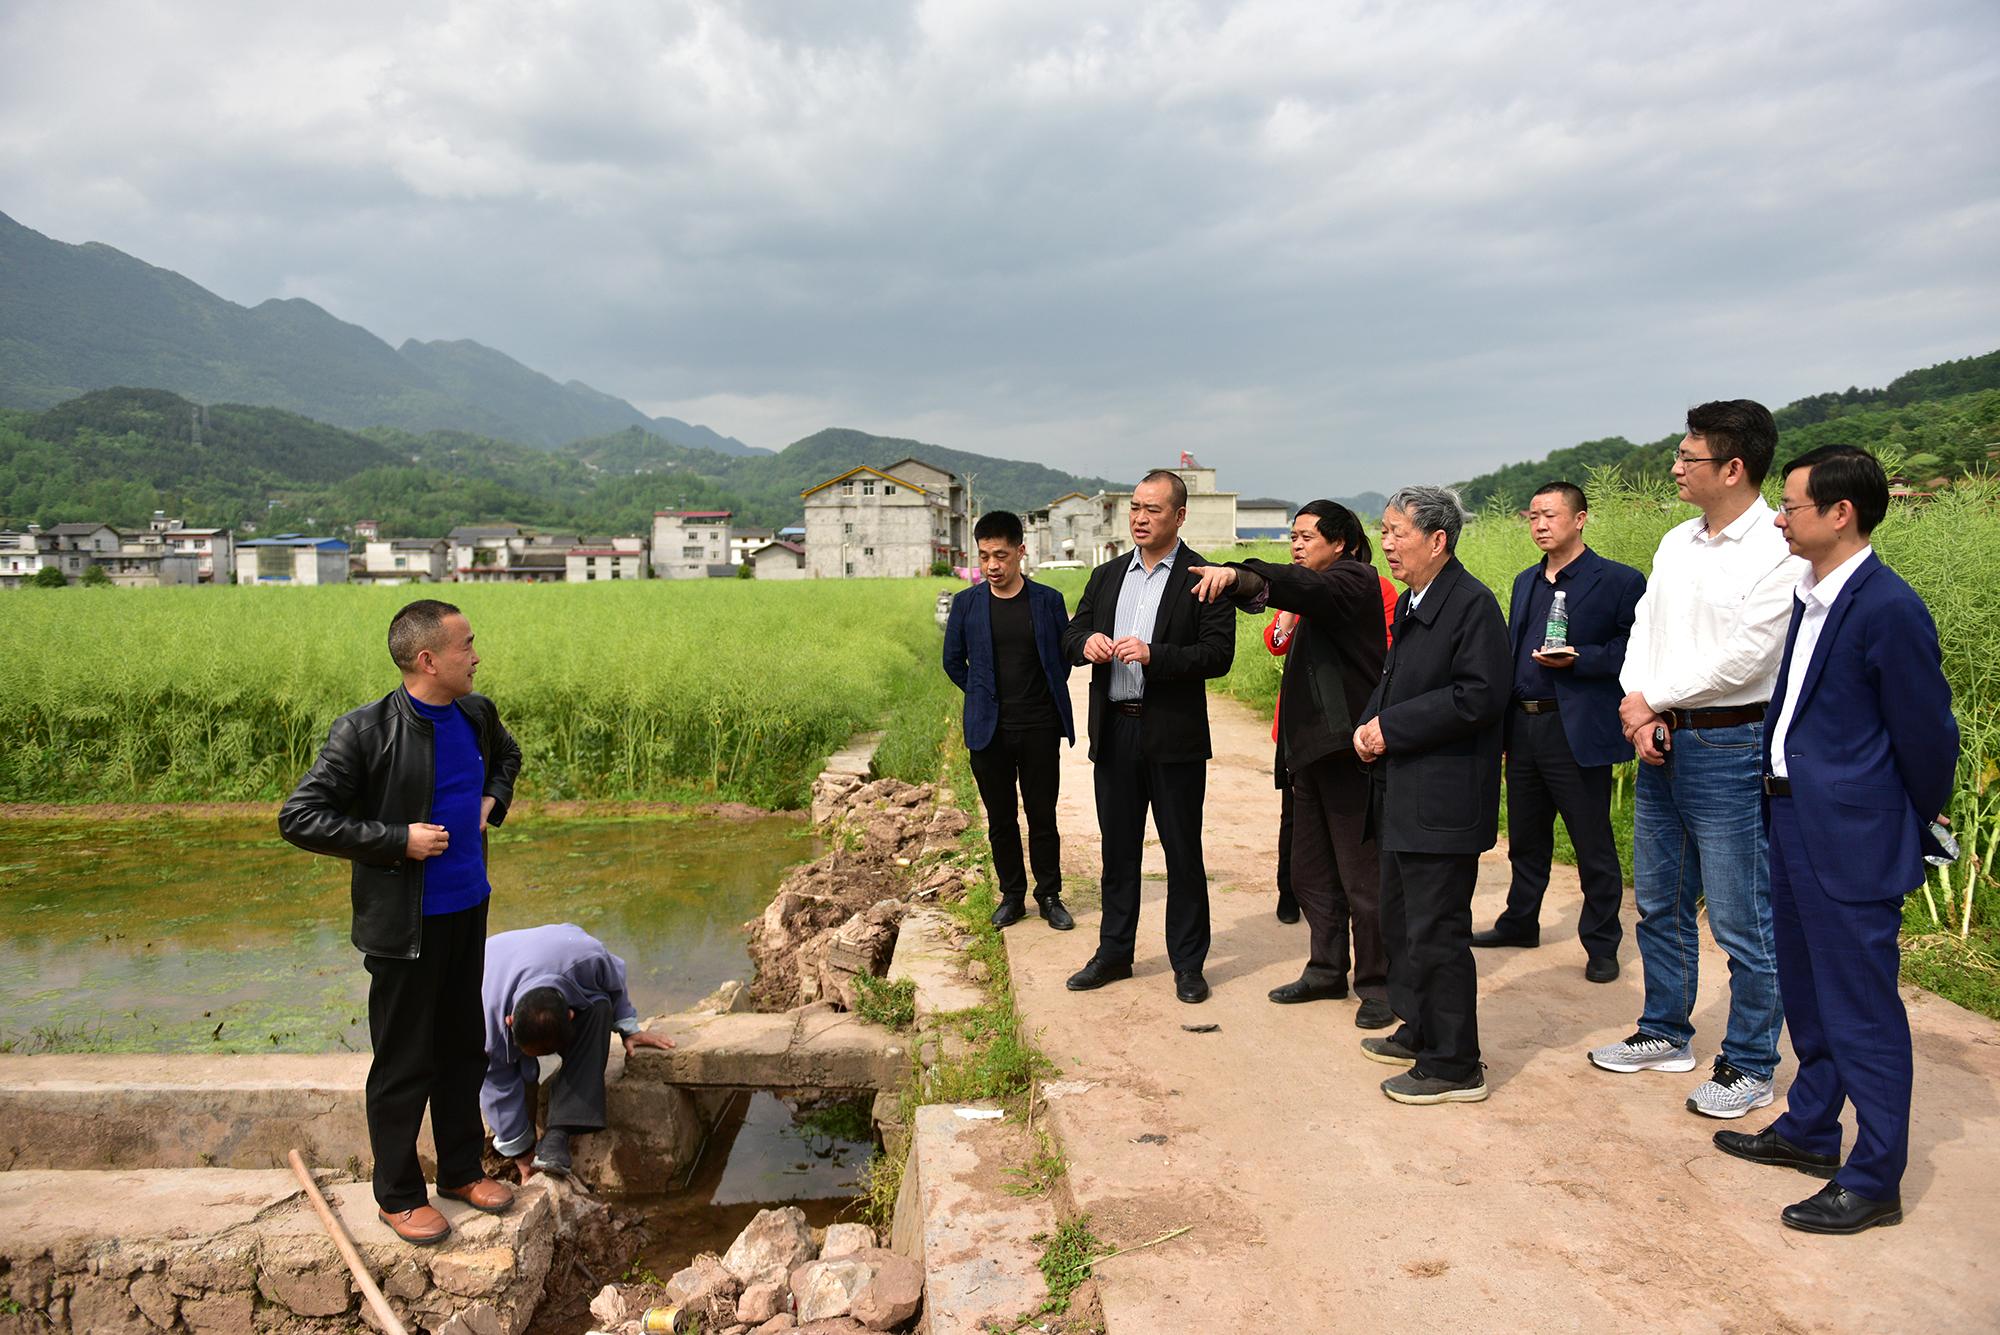 傅廷栋院士28日下午在三里河乡河水坪村调研油菜产业(记者 刘涛 摄)